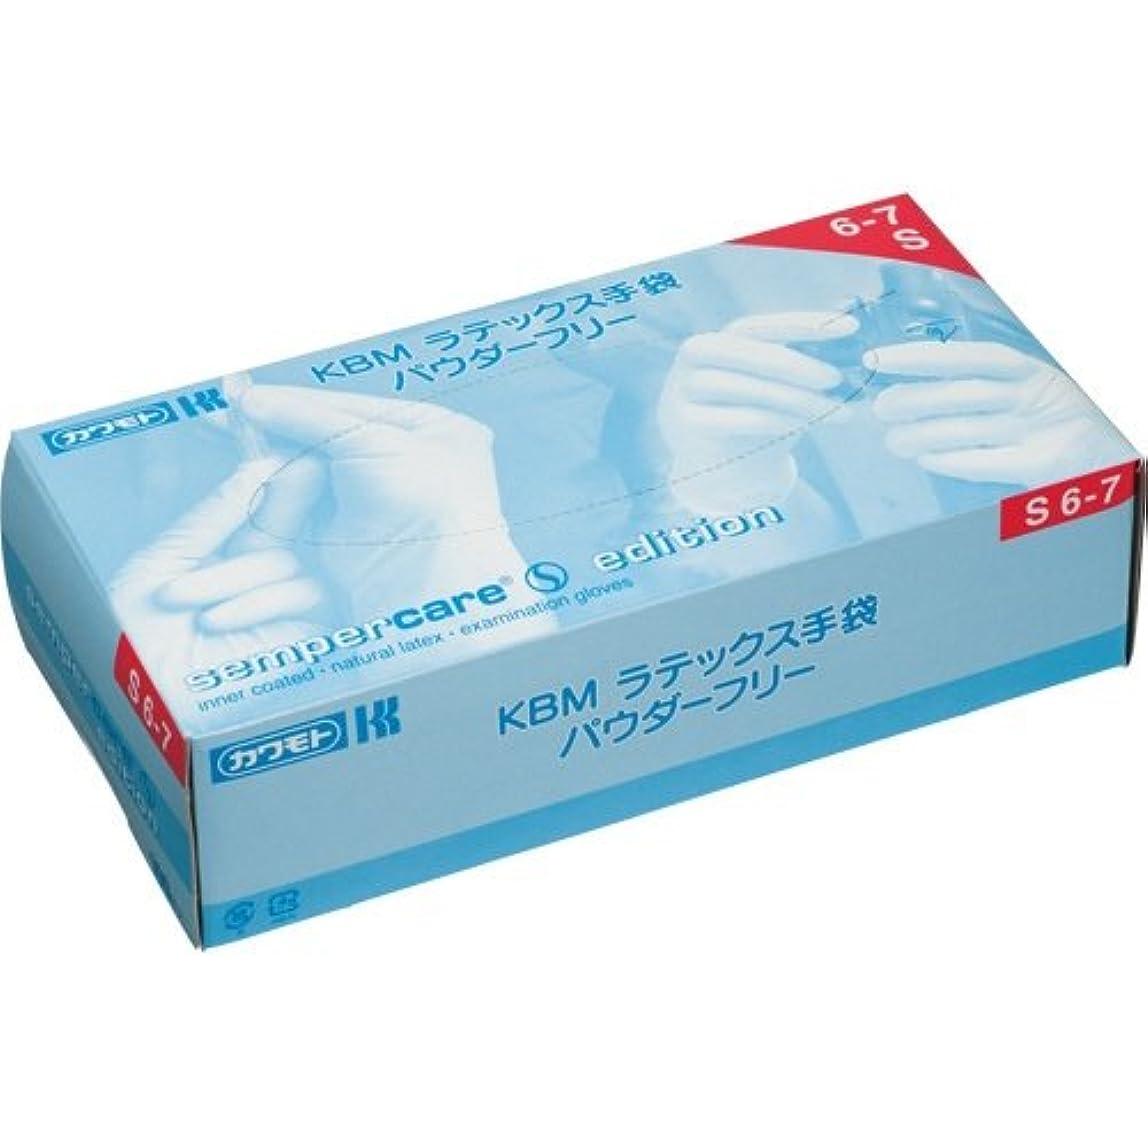 ゴミ耐えるピザカワモト KBM ラテックス手袋 パウダーフリー S 1セット(300枚:100枚×3箱)